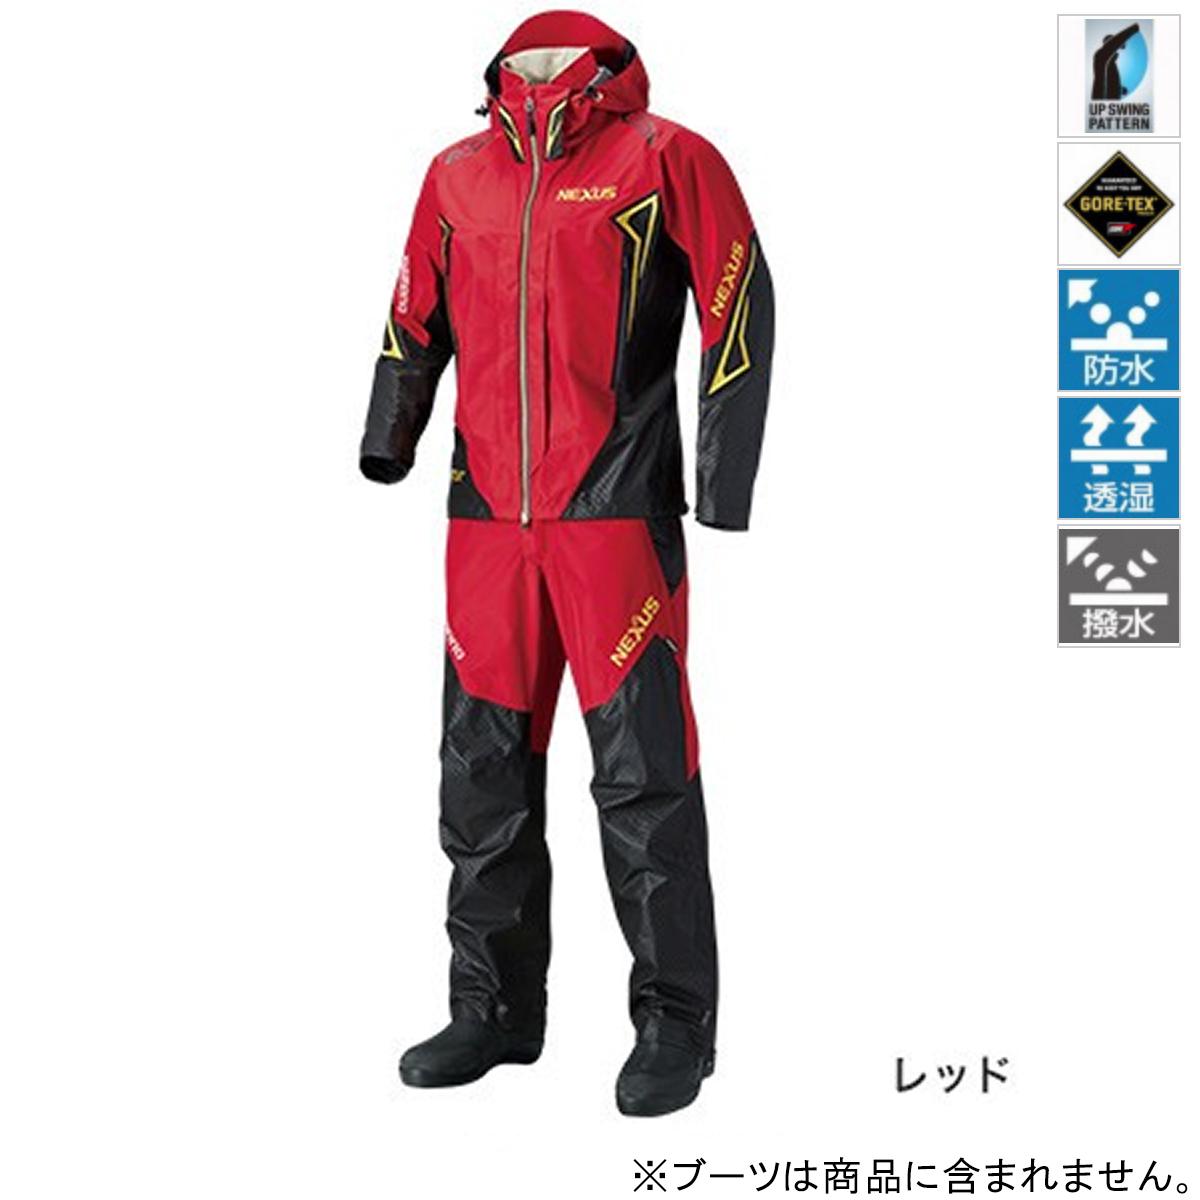 シマノ NEXUS GORE-TEX レインスーツ EX RA-119R XL レッド【送料無料】